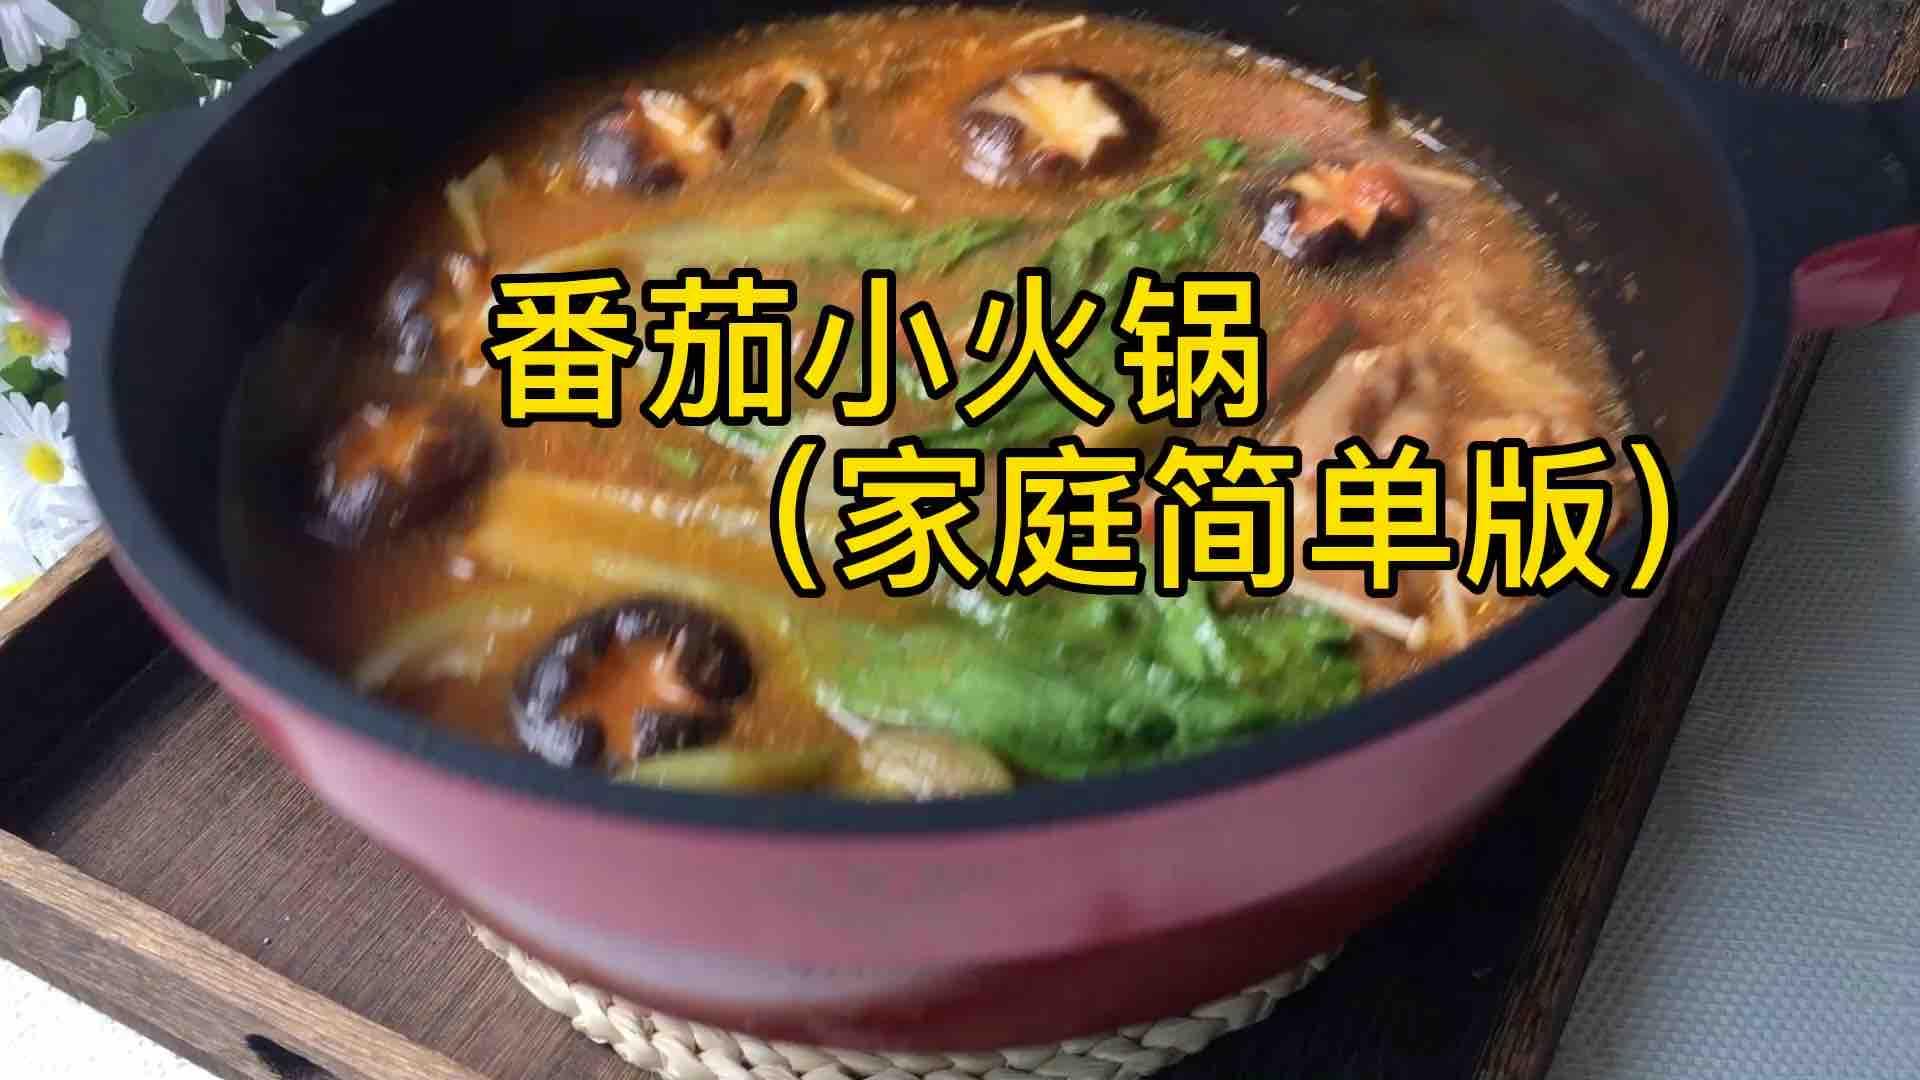 番茄小火锅(家庭简单版)的做法